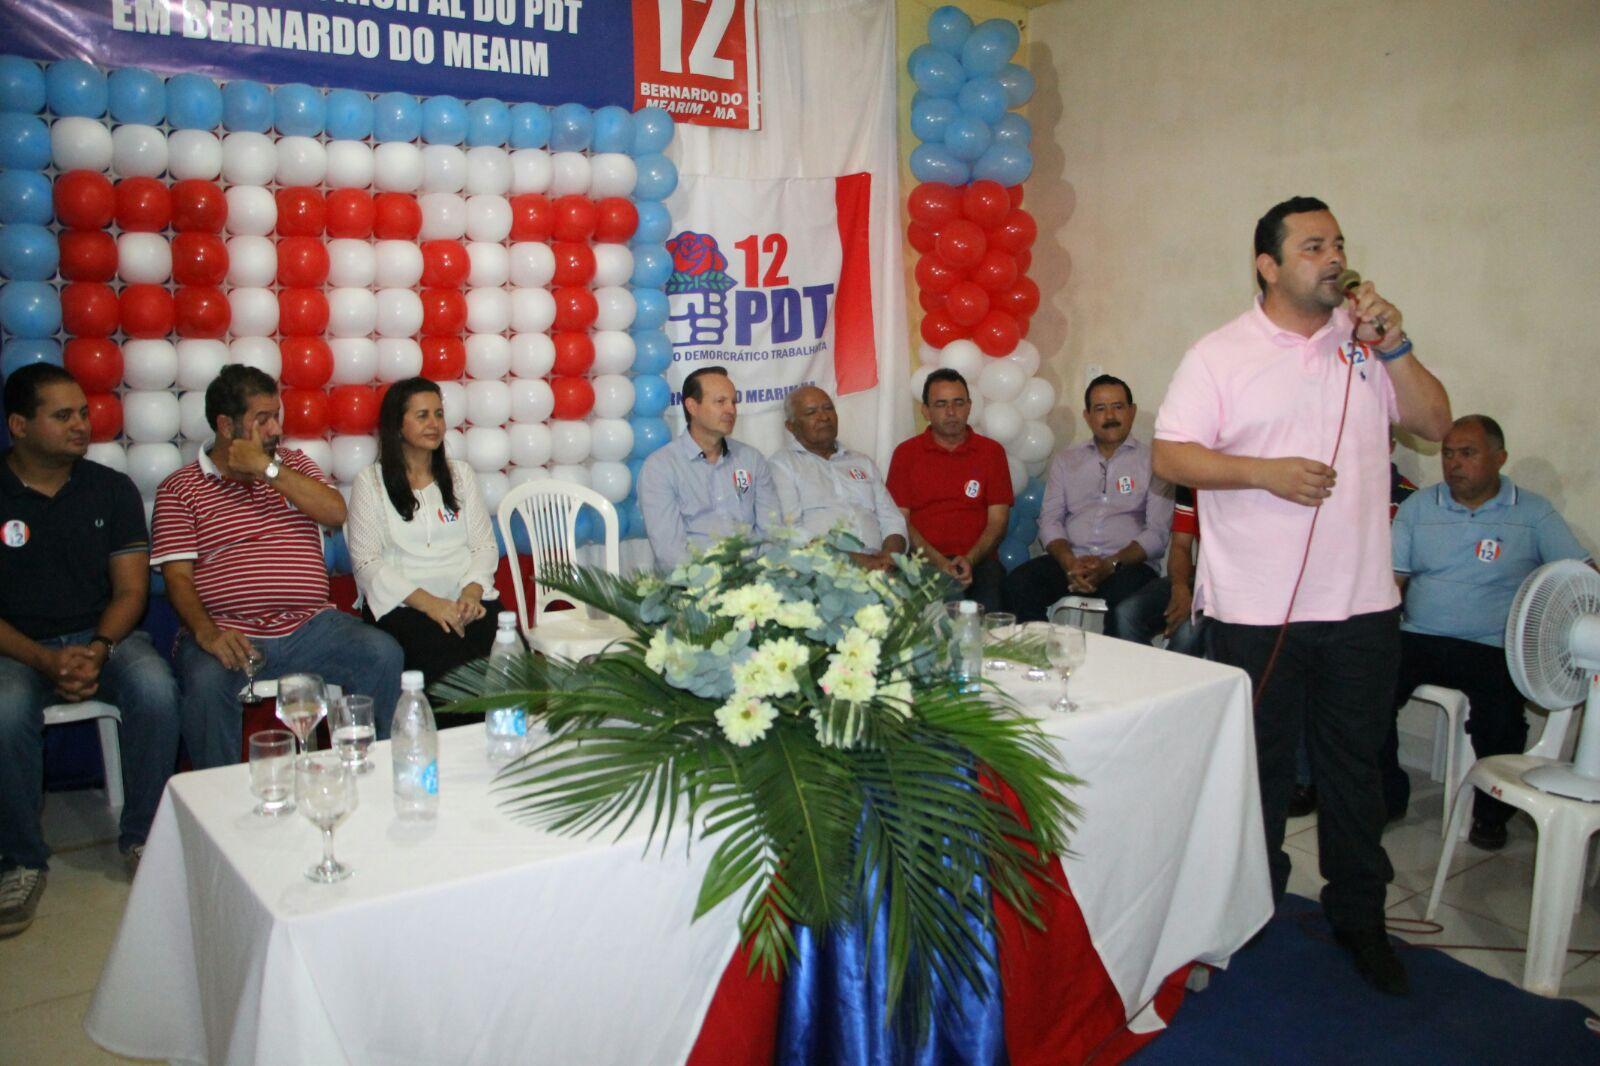 Vinicius Louro prestigia encontro do PDT em Bernardo do Mearim